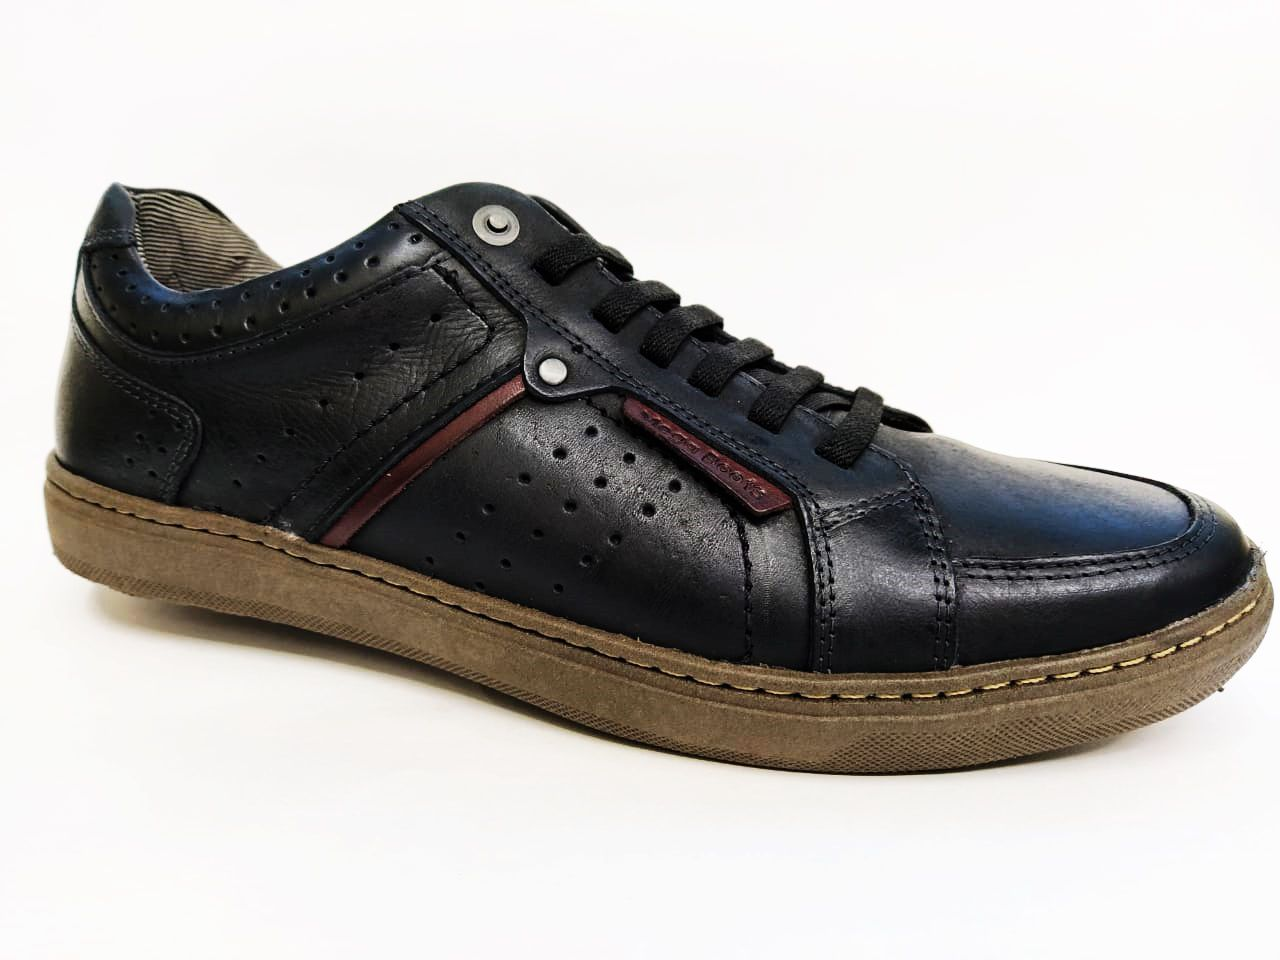 Sapatênis Masculino Mega Boots 15032 - Preto/Bordo